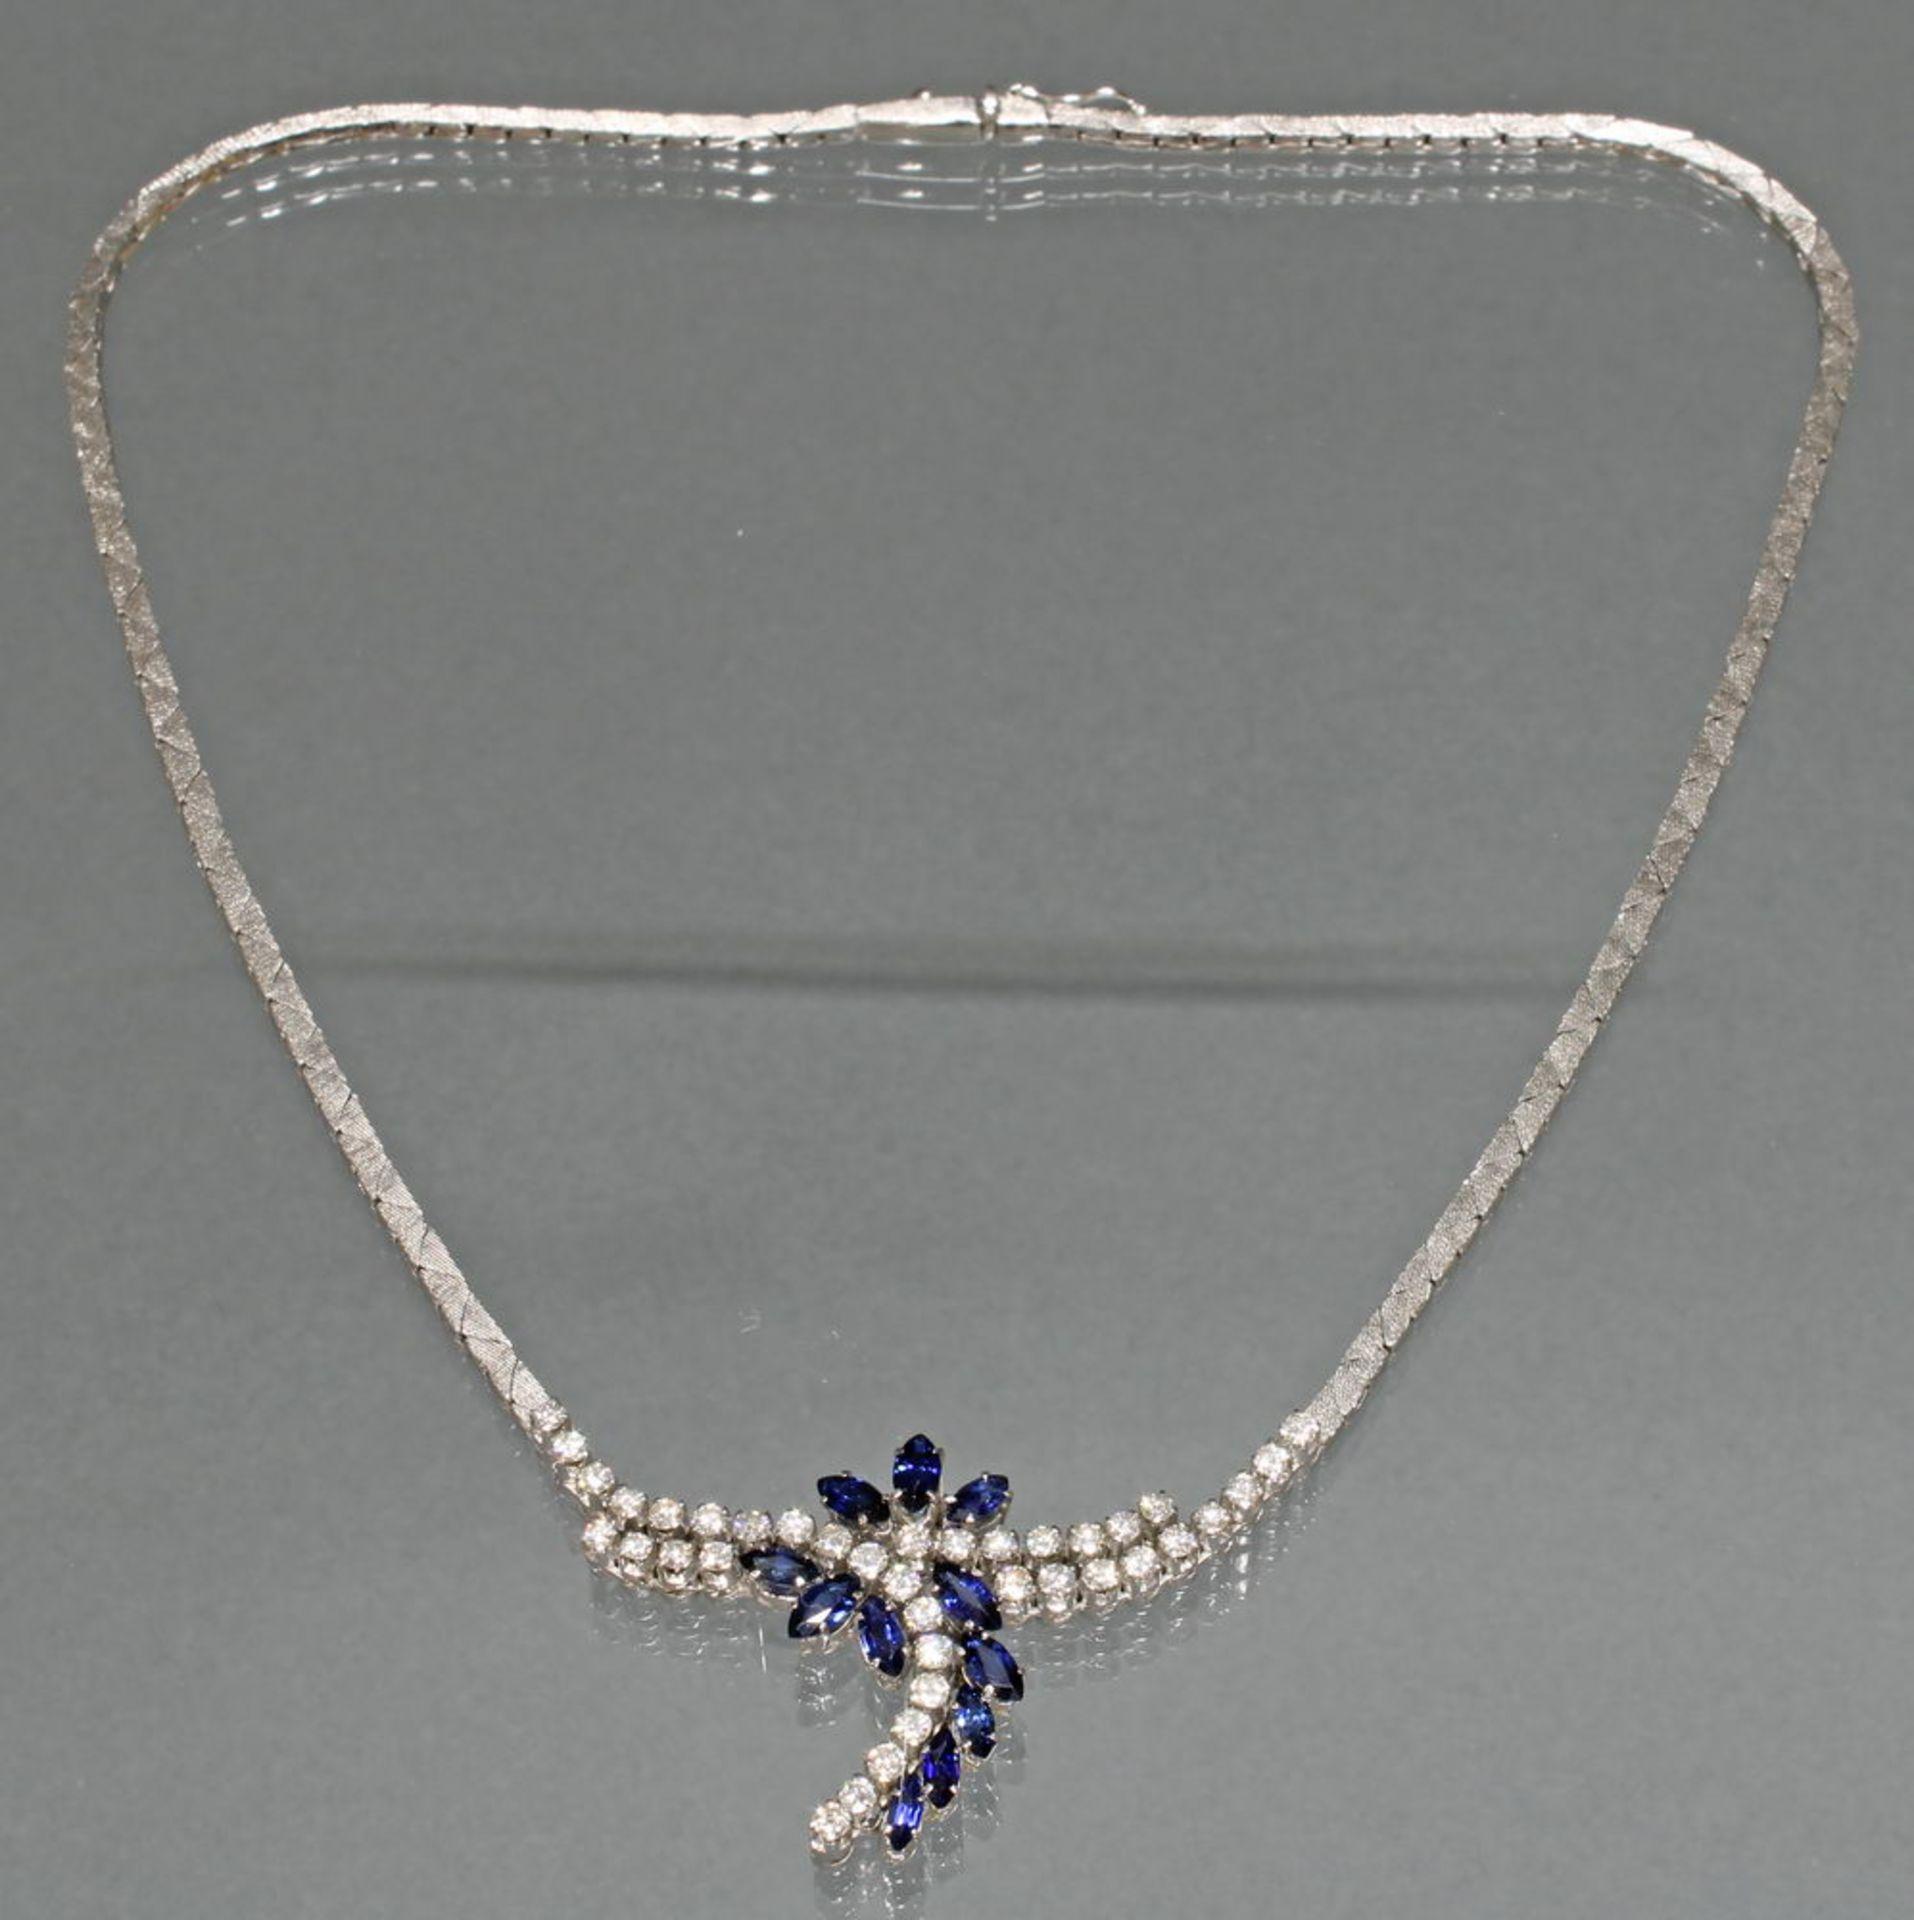 Collier, WG 585, 37 Brillanten zus. ca. 1.85 ct., 11 Saphire im Navetteschliff, 43 cm lang, 28 g - Bild 2 aus 2